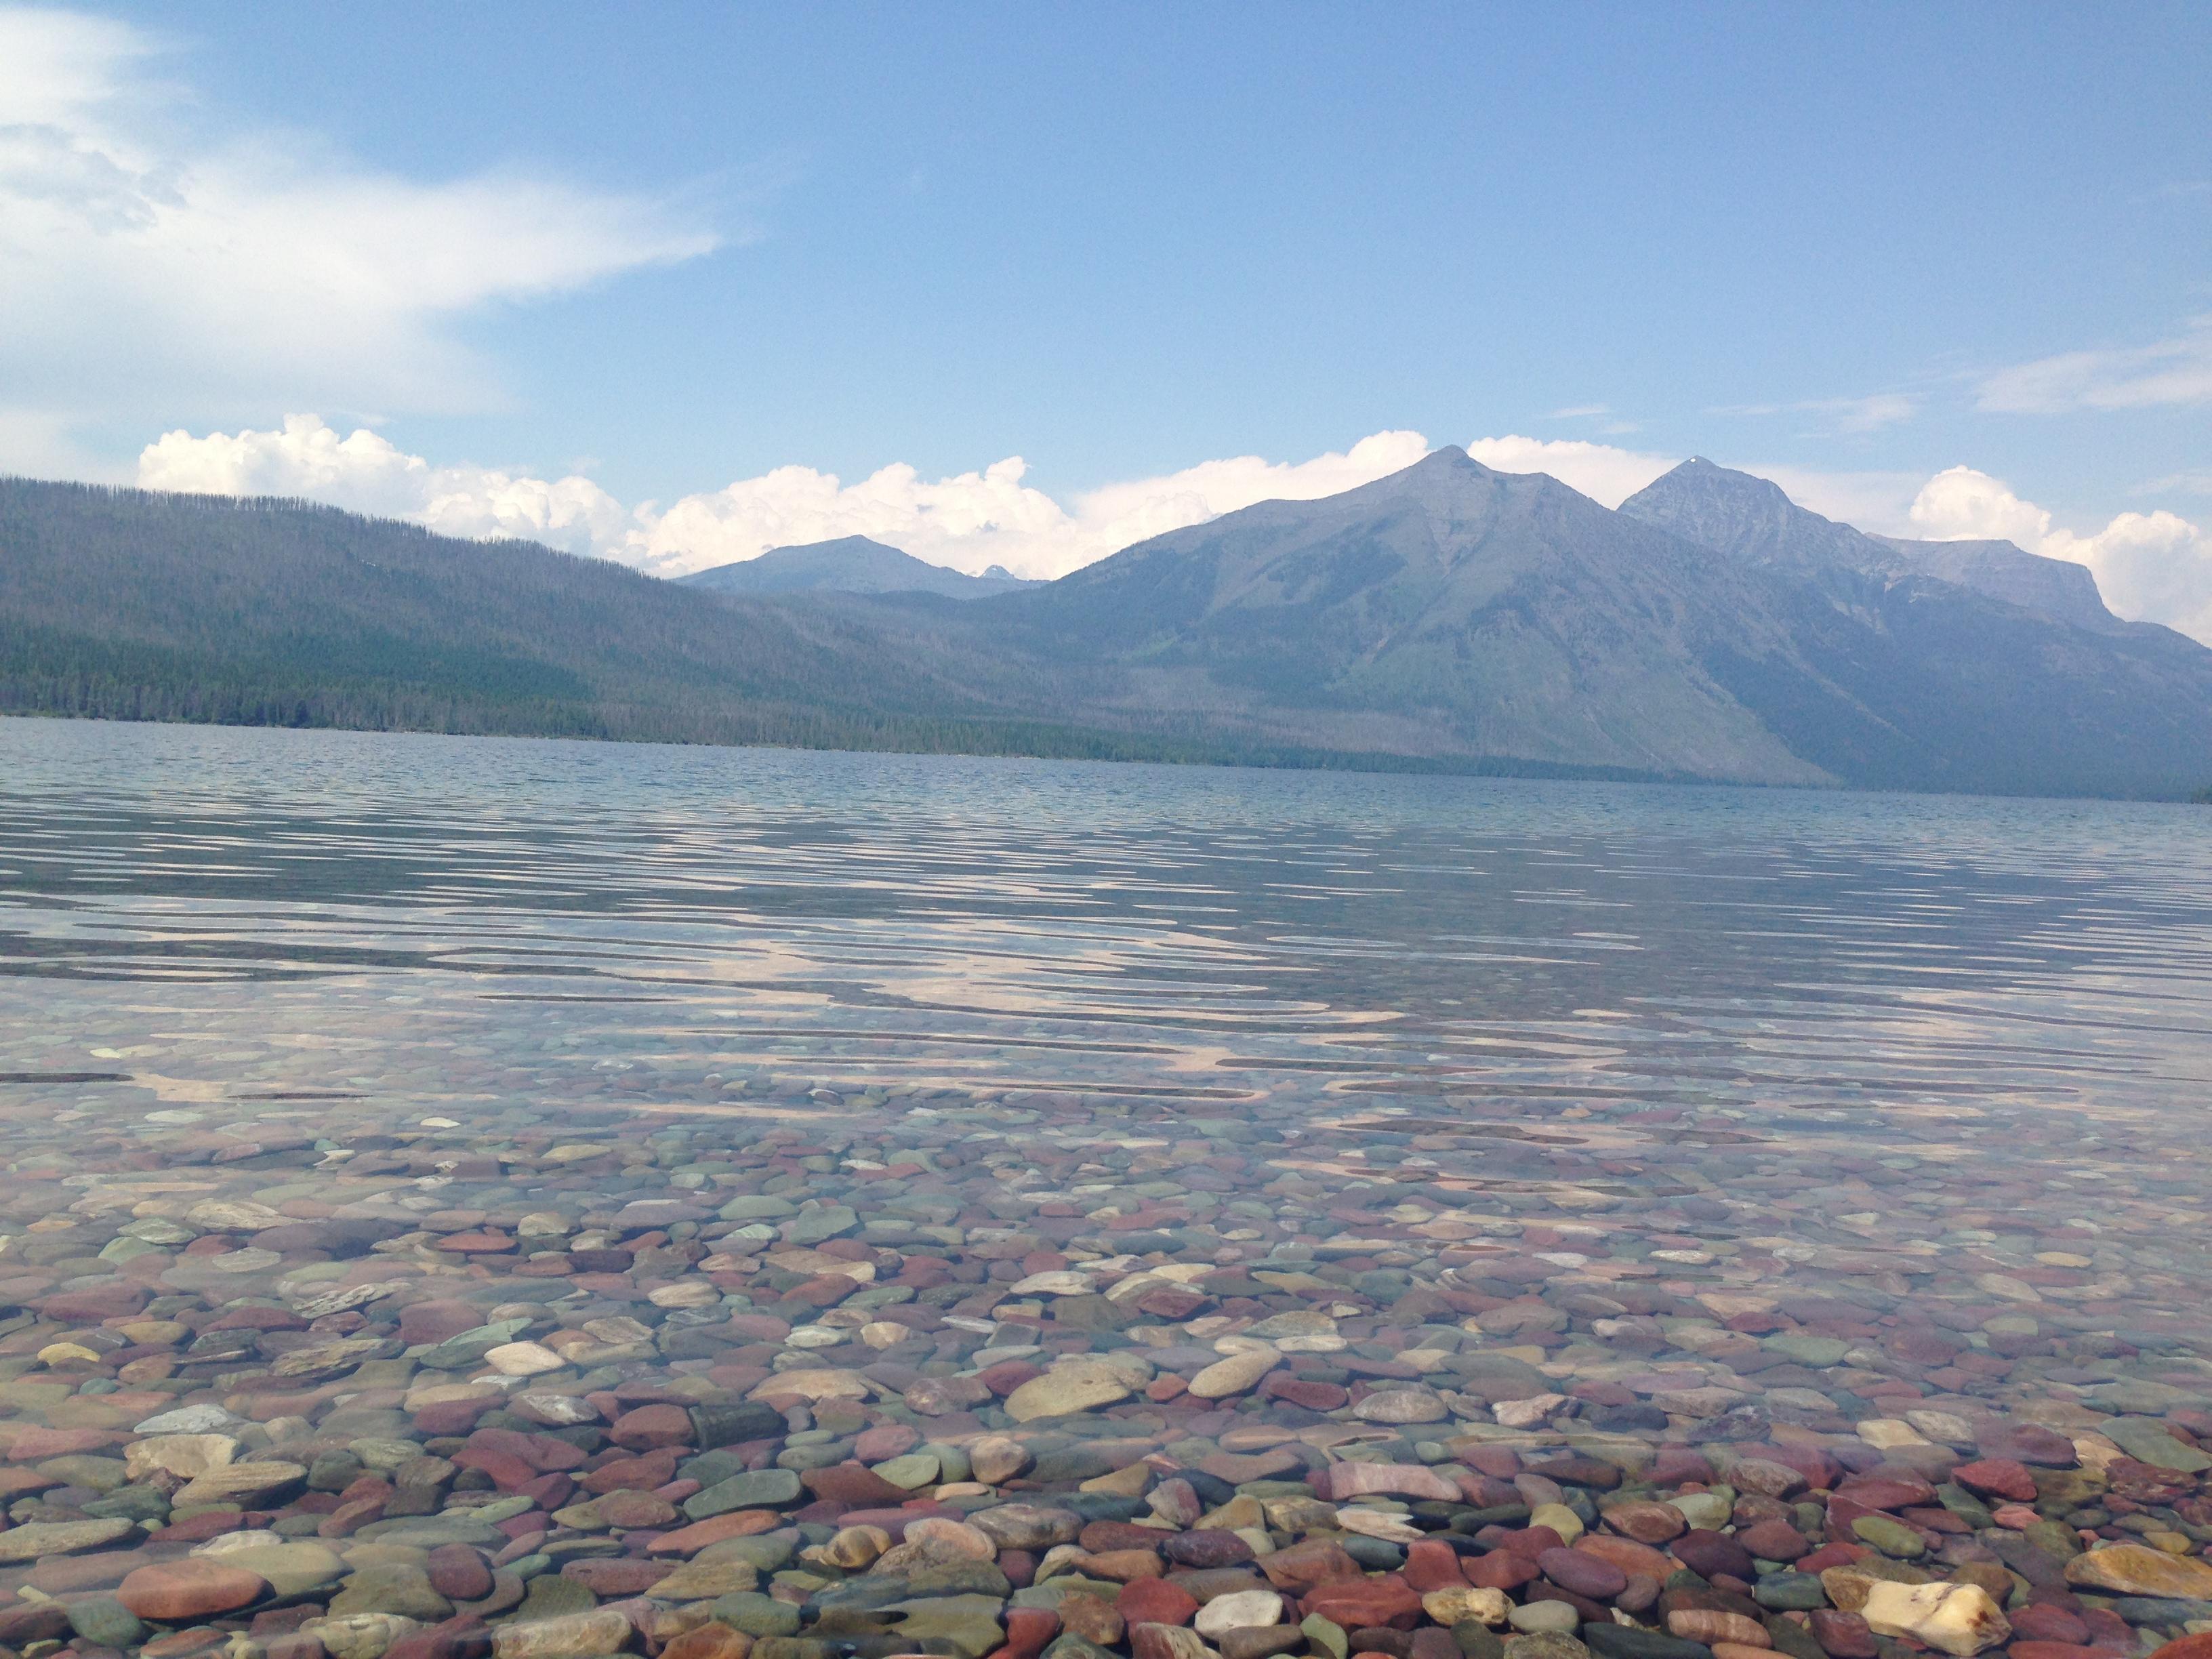 Days 61-64: Washington, Idaho & Montana